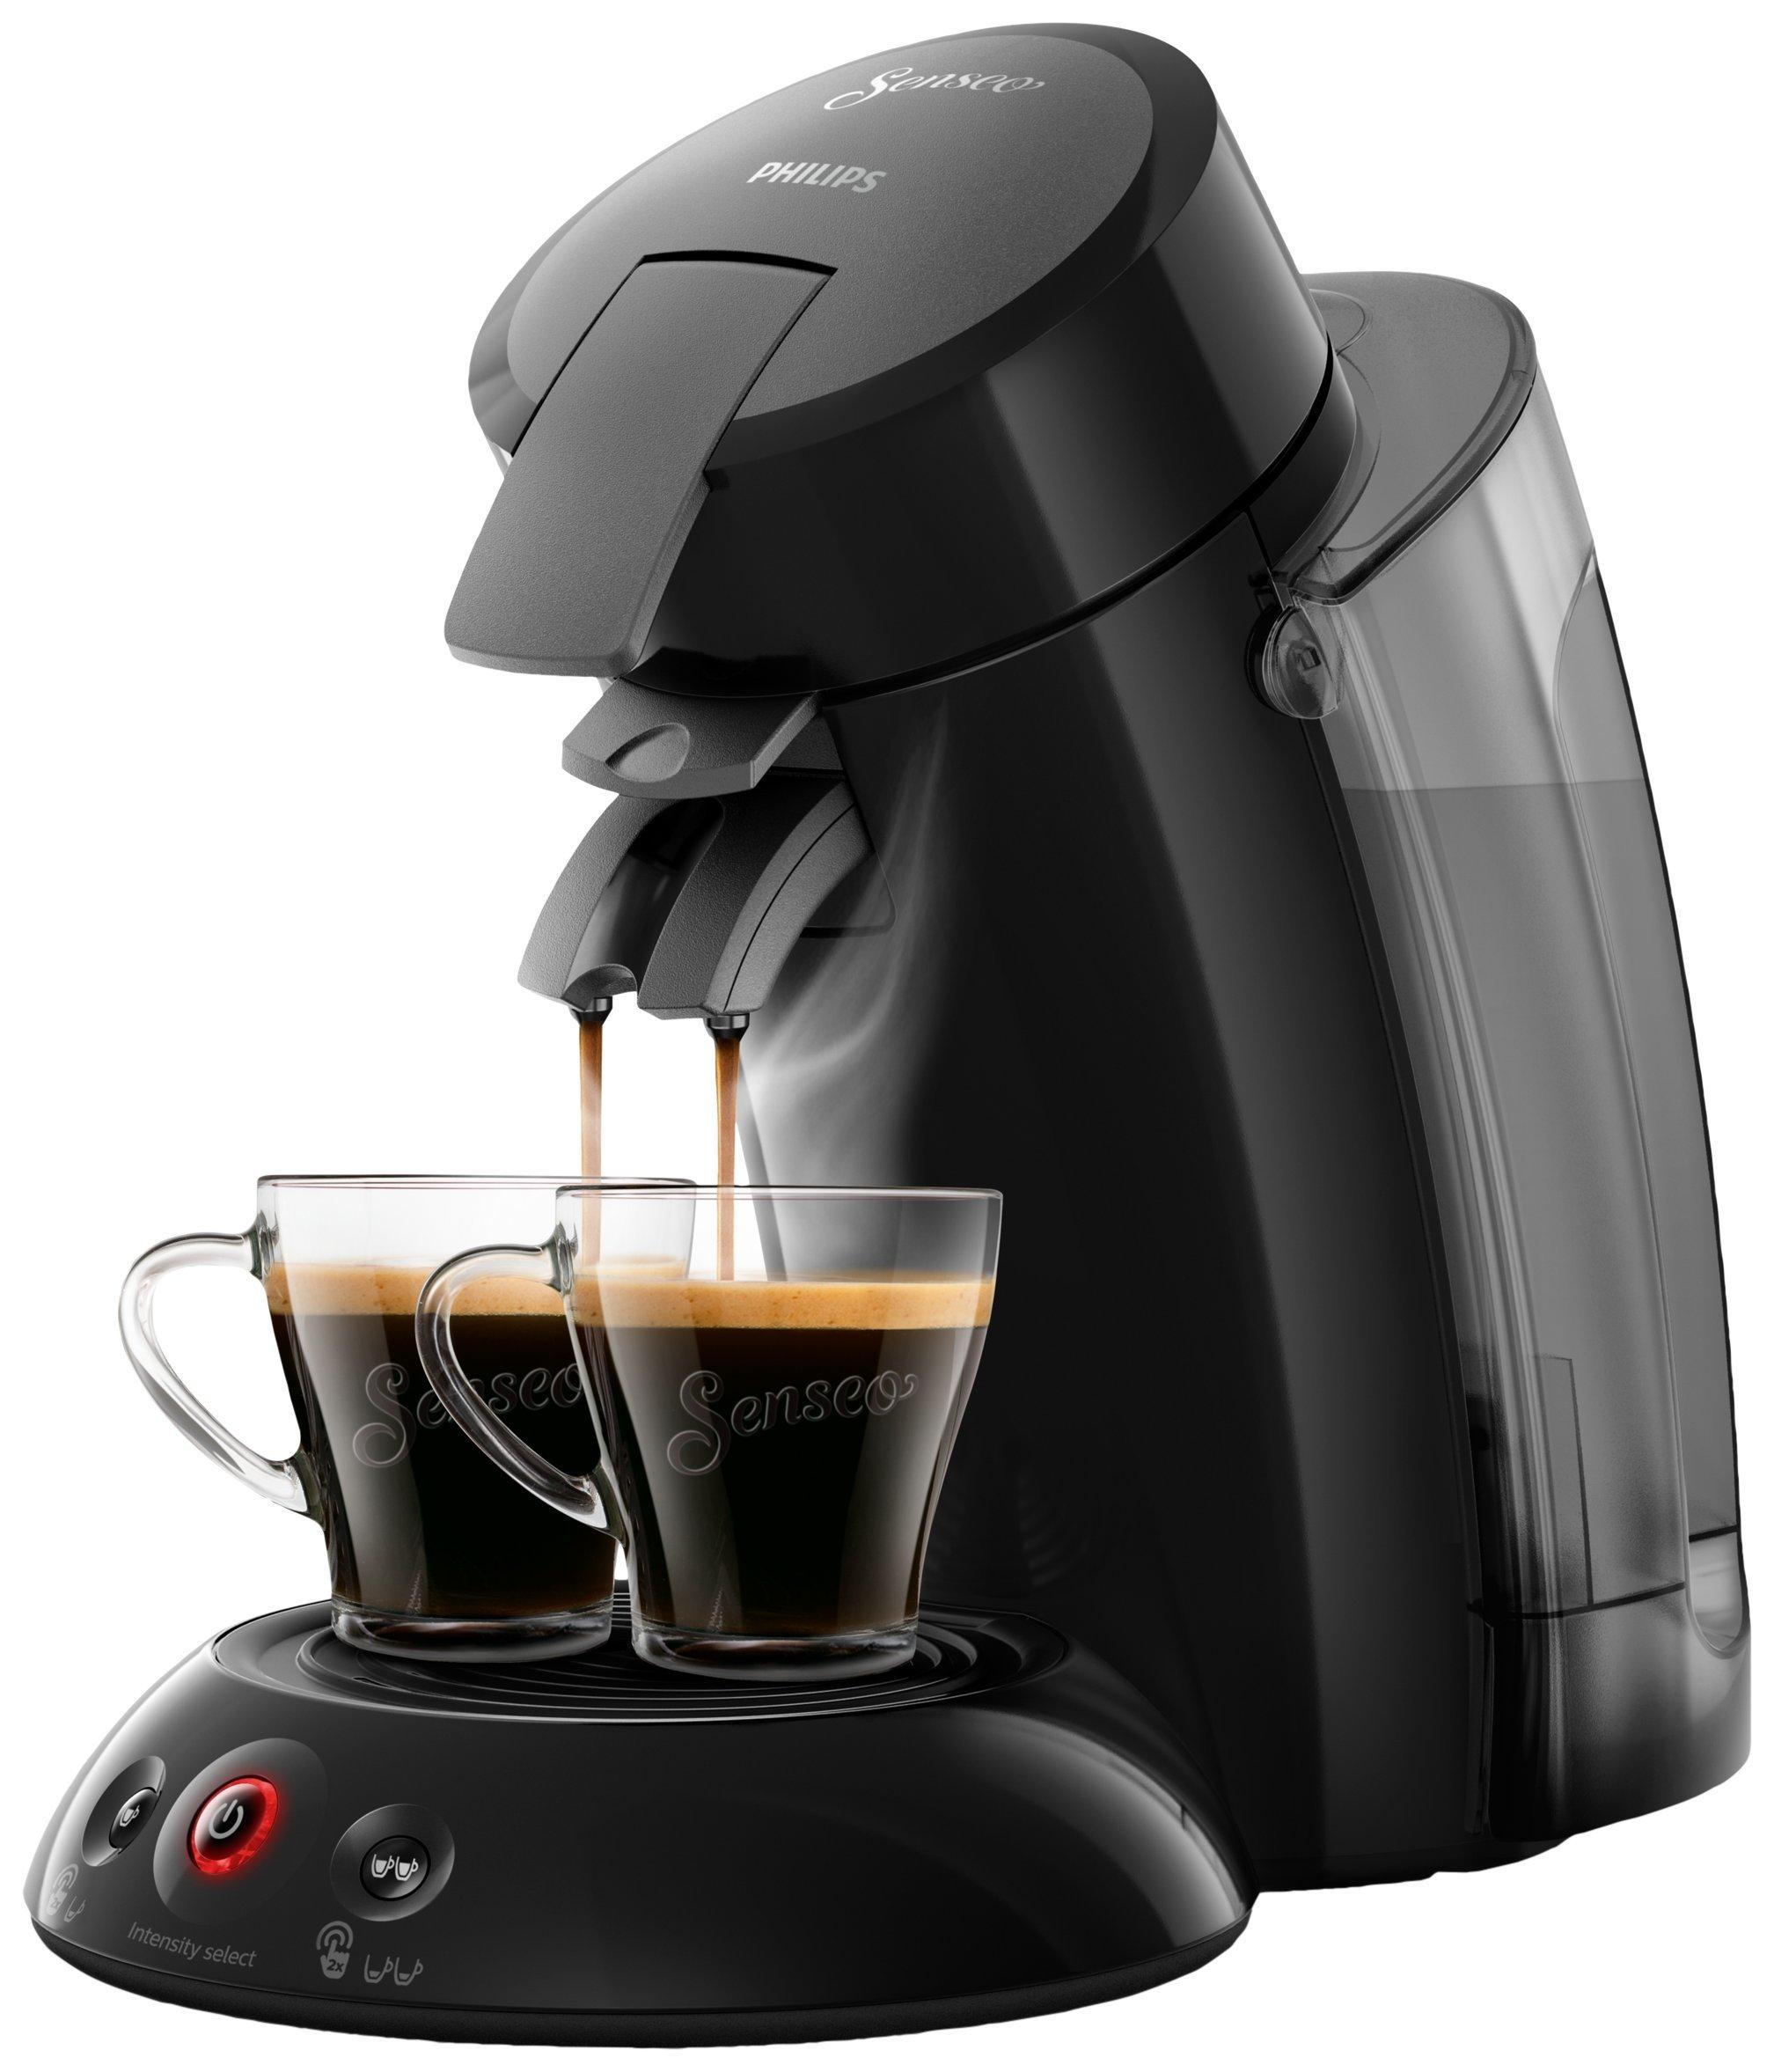 Philips Senseo Original XL HD6555/22 Cafetera Monodosis con Tecnología Coffee Boost, Negro,